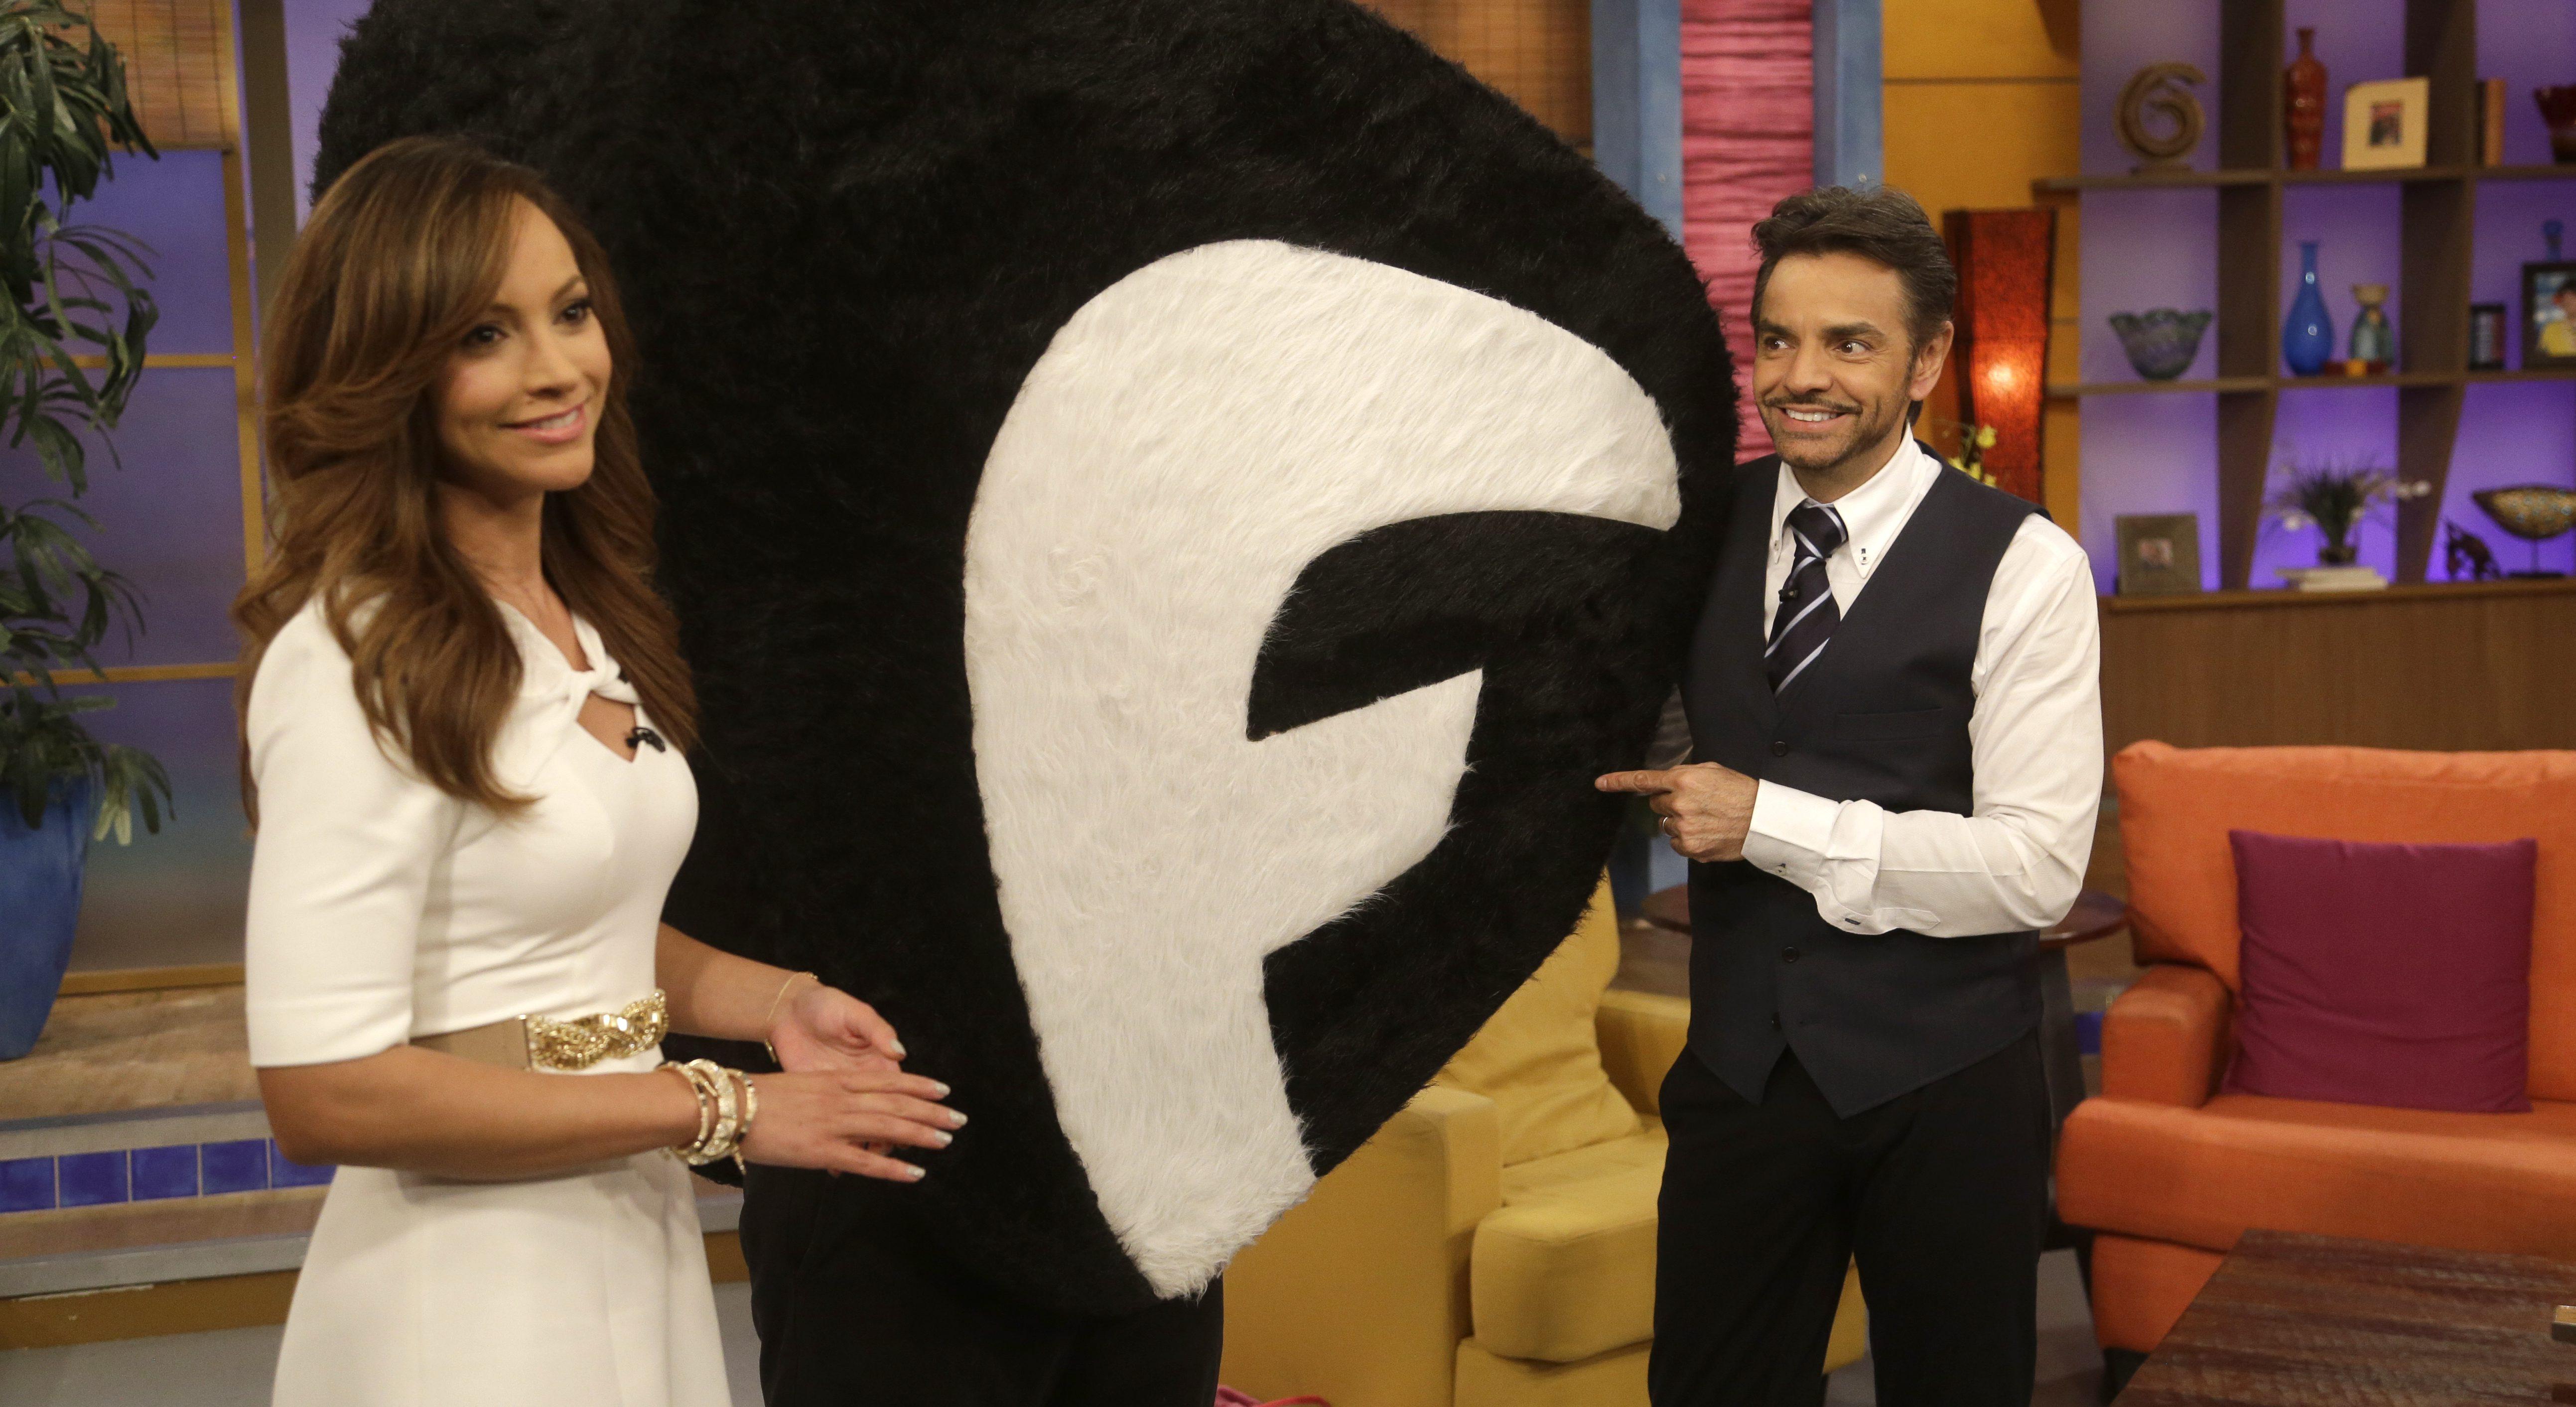 Univision's Fusion